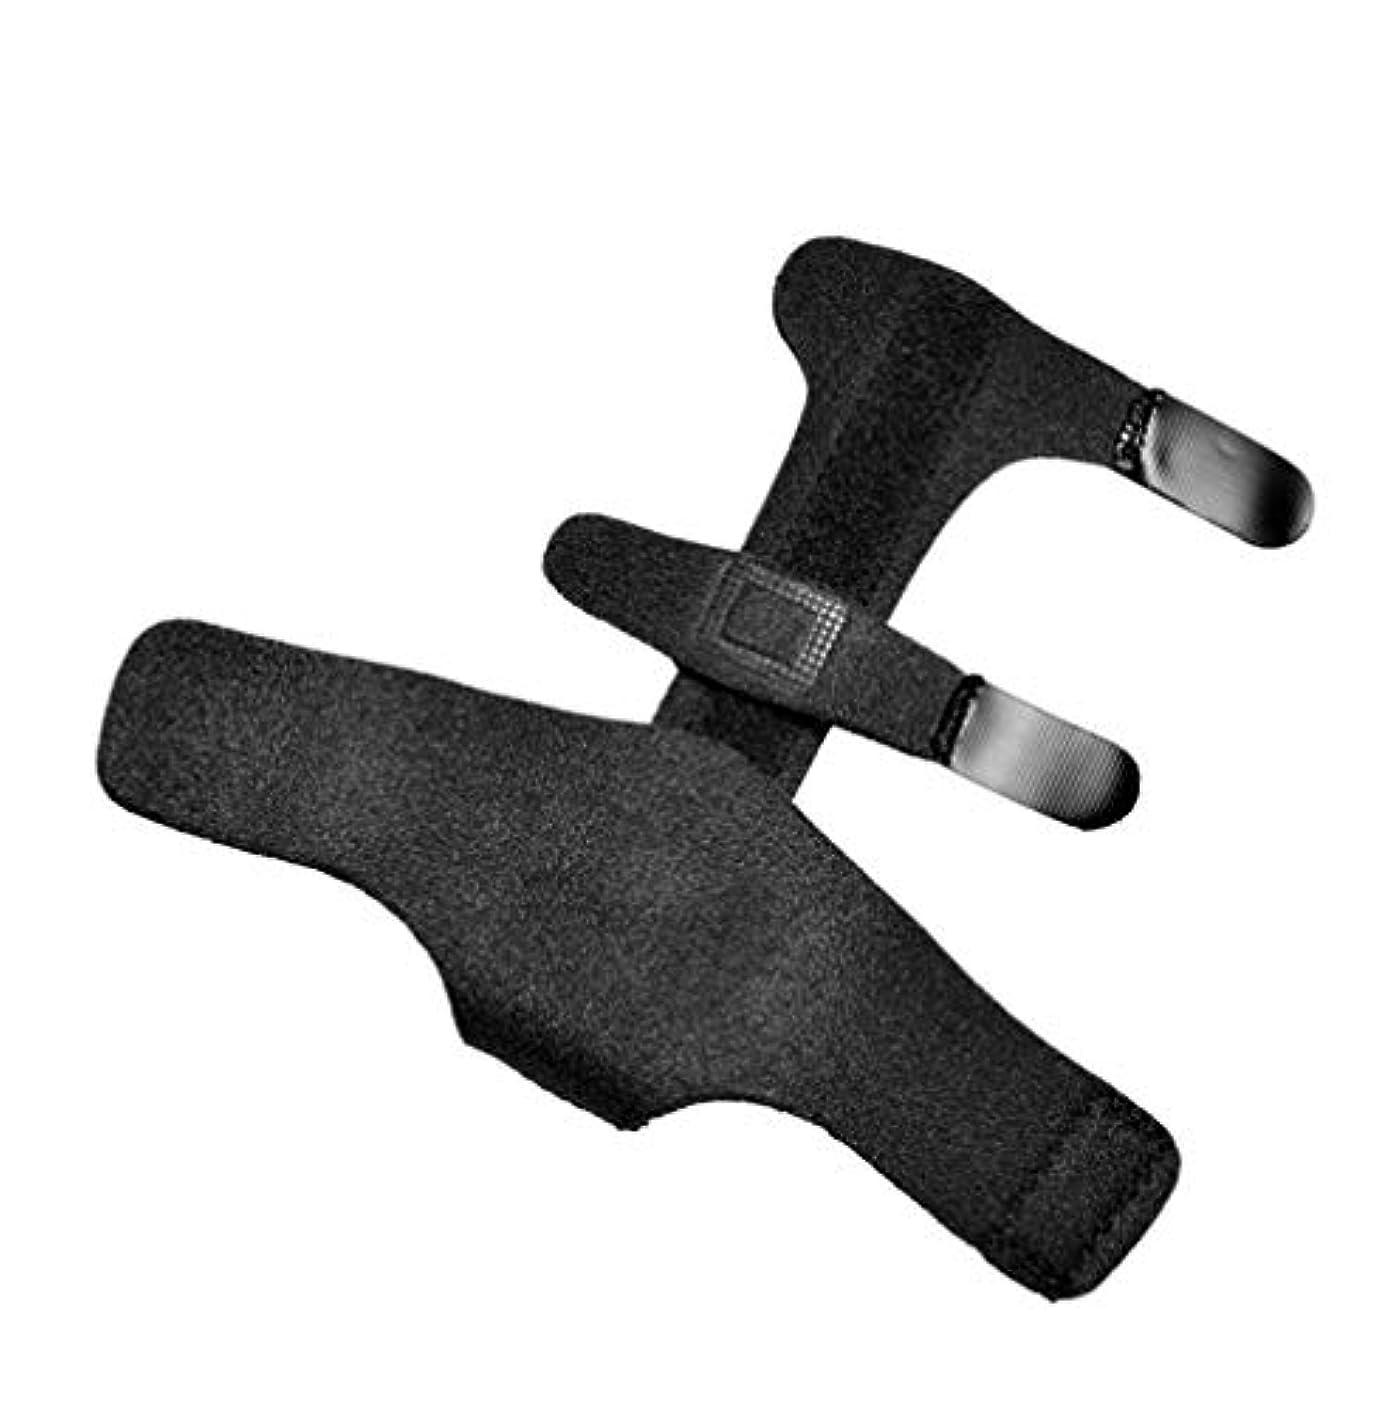 叫ぶ余韻硬さ親指スプリント、スプリント固定フィンガージョイント捻挫とホームの指固定して指骨折固定、ワンサイズ